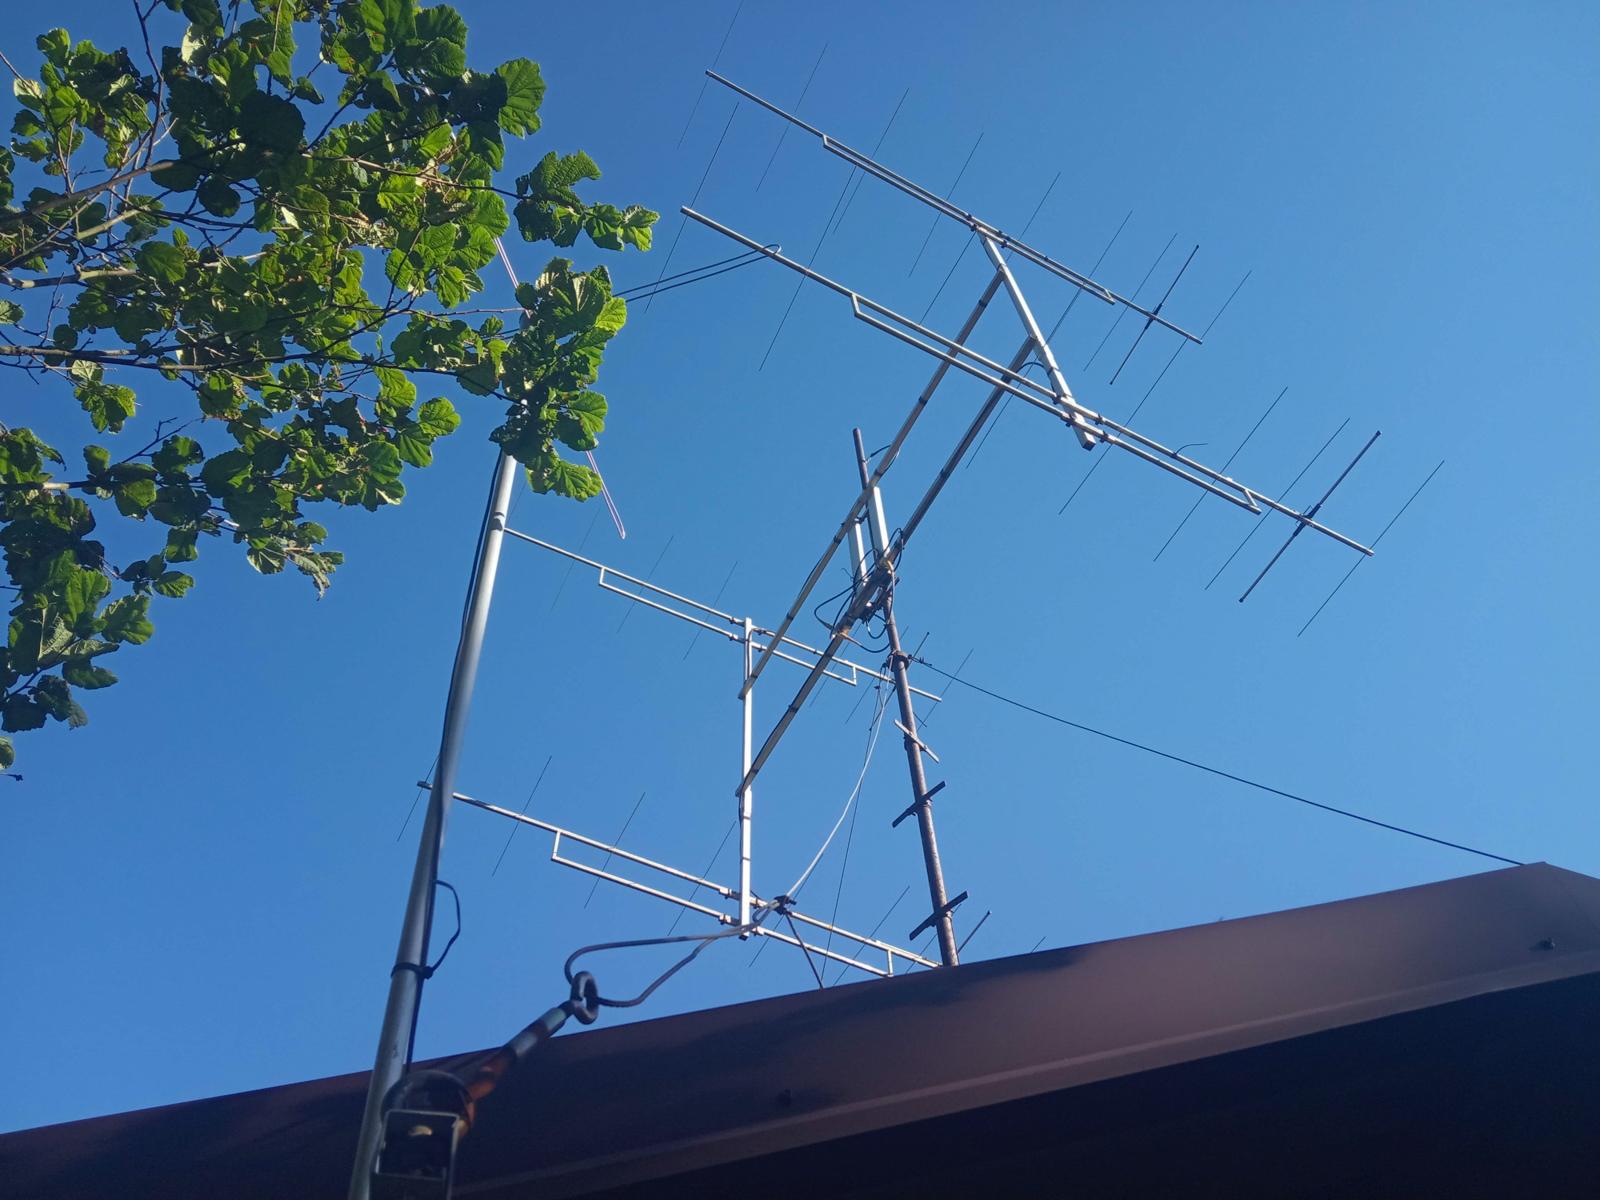 Anteny OM3KOM w JN98dv